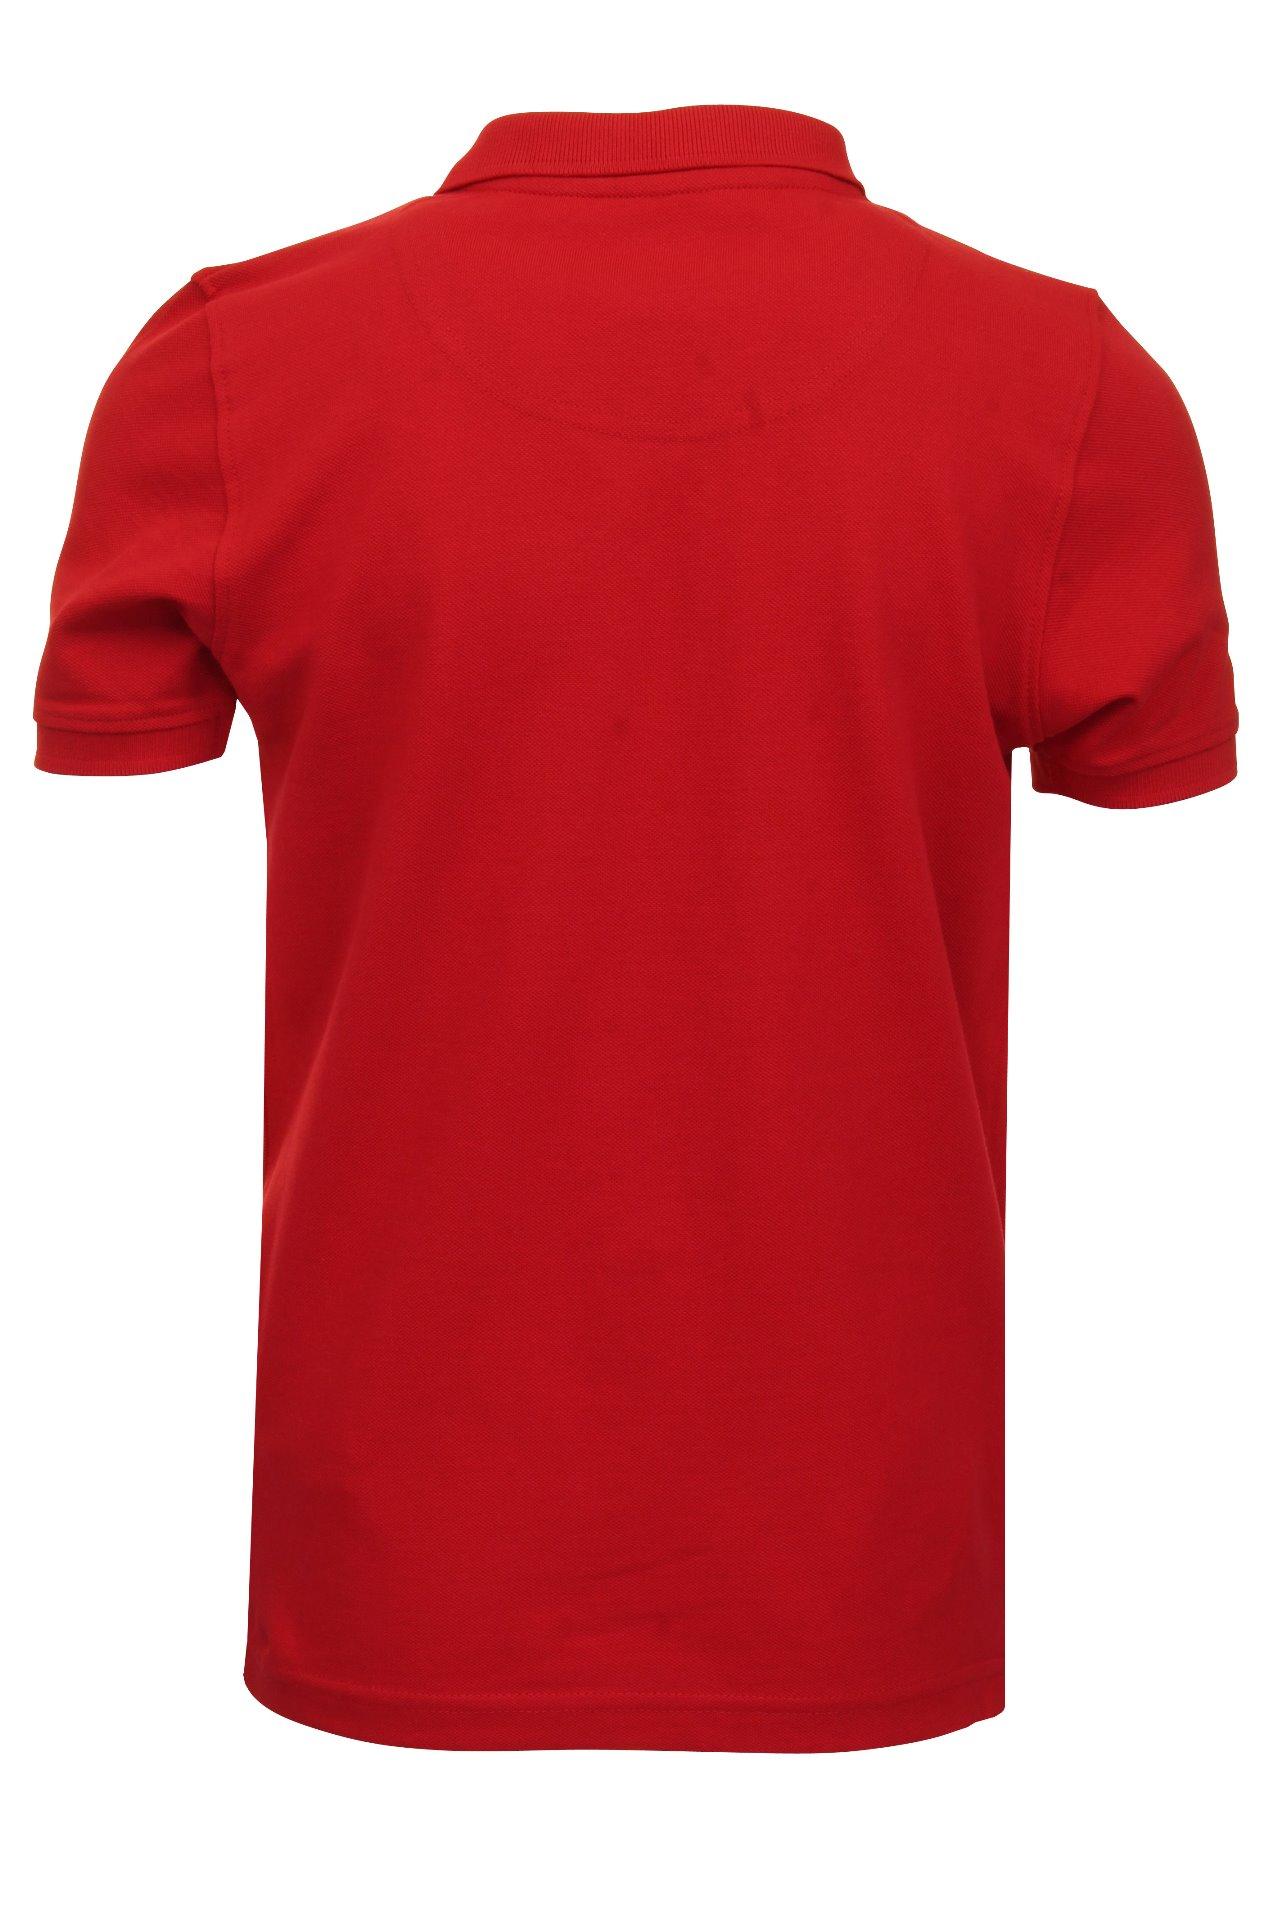 Lyle-amp-Scott-Garcons-Classique-Polo-T-Shirt miniature 14